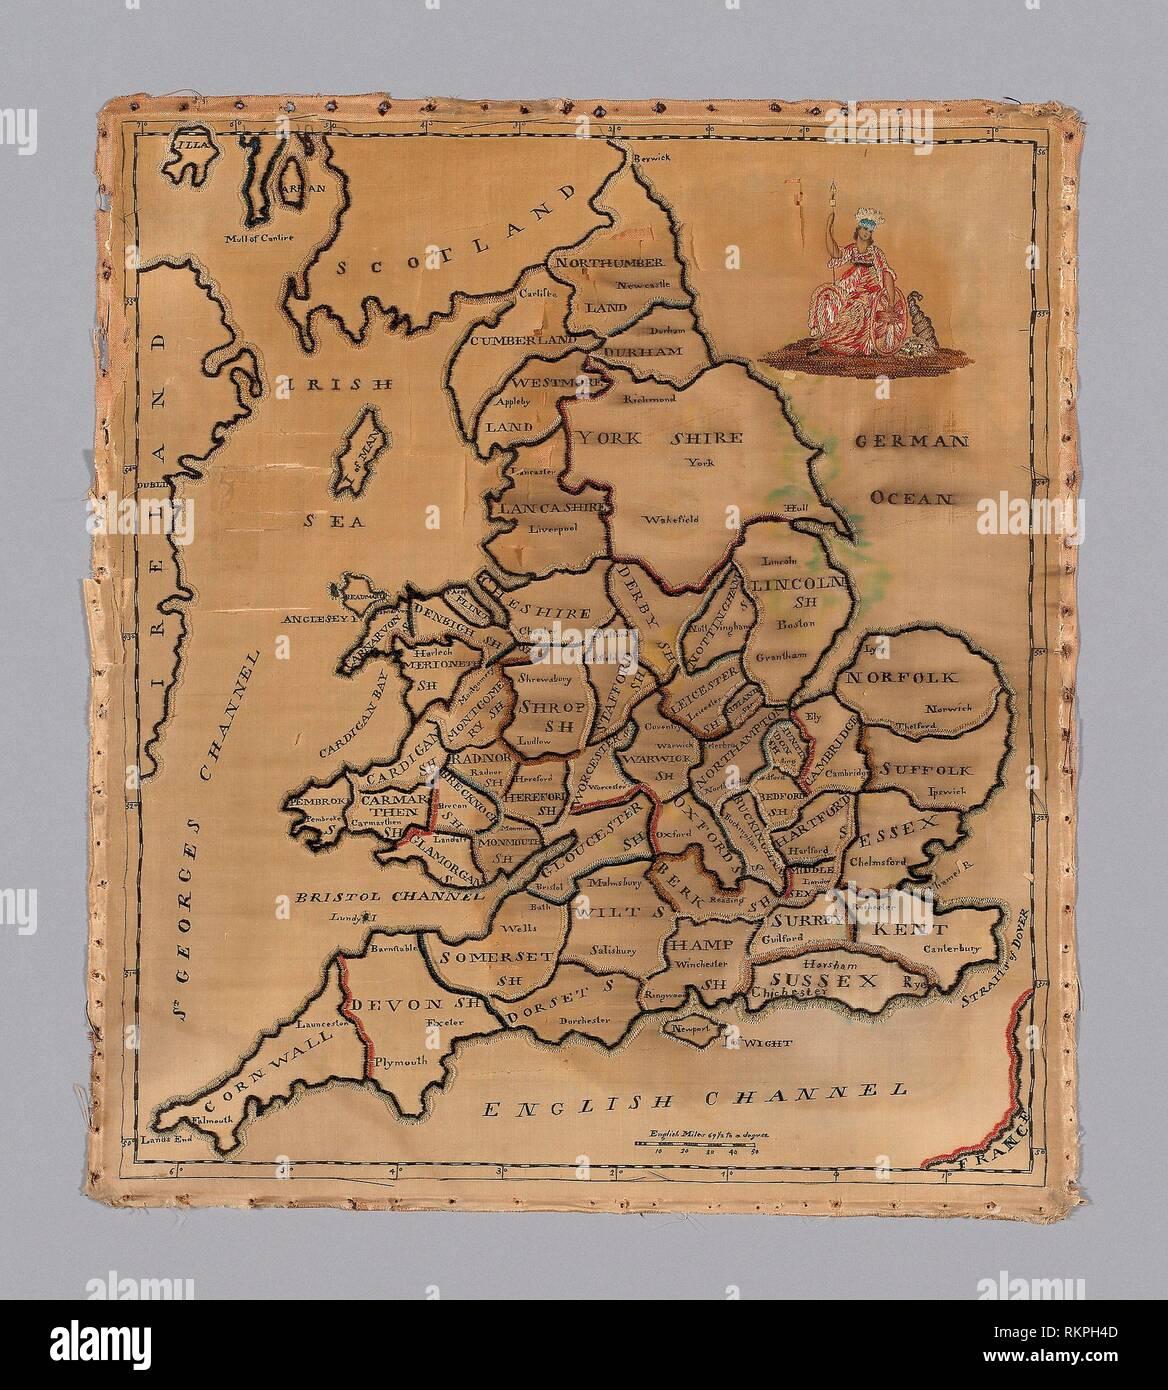 Map Of England 1800.Sampler Map C 1800 England Origin England Date 1790 1810